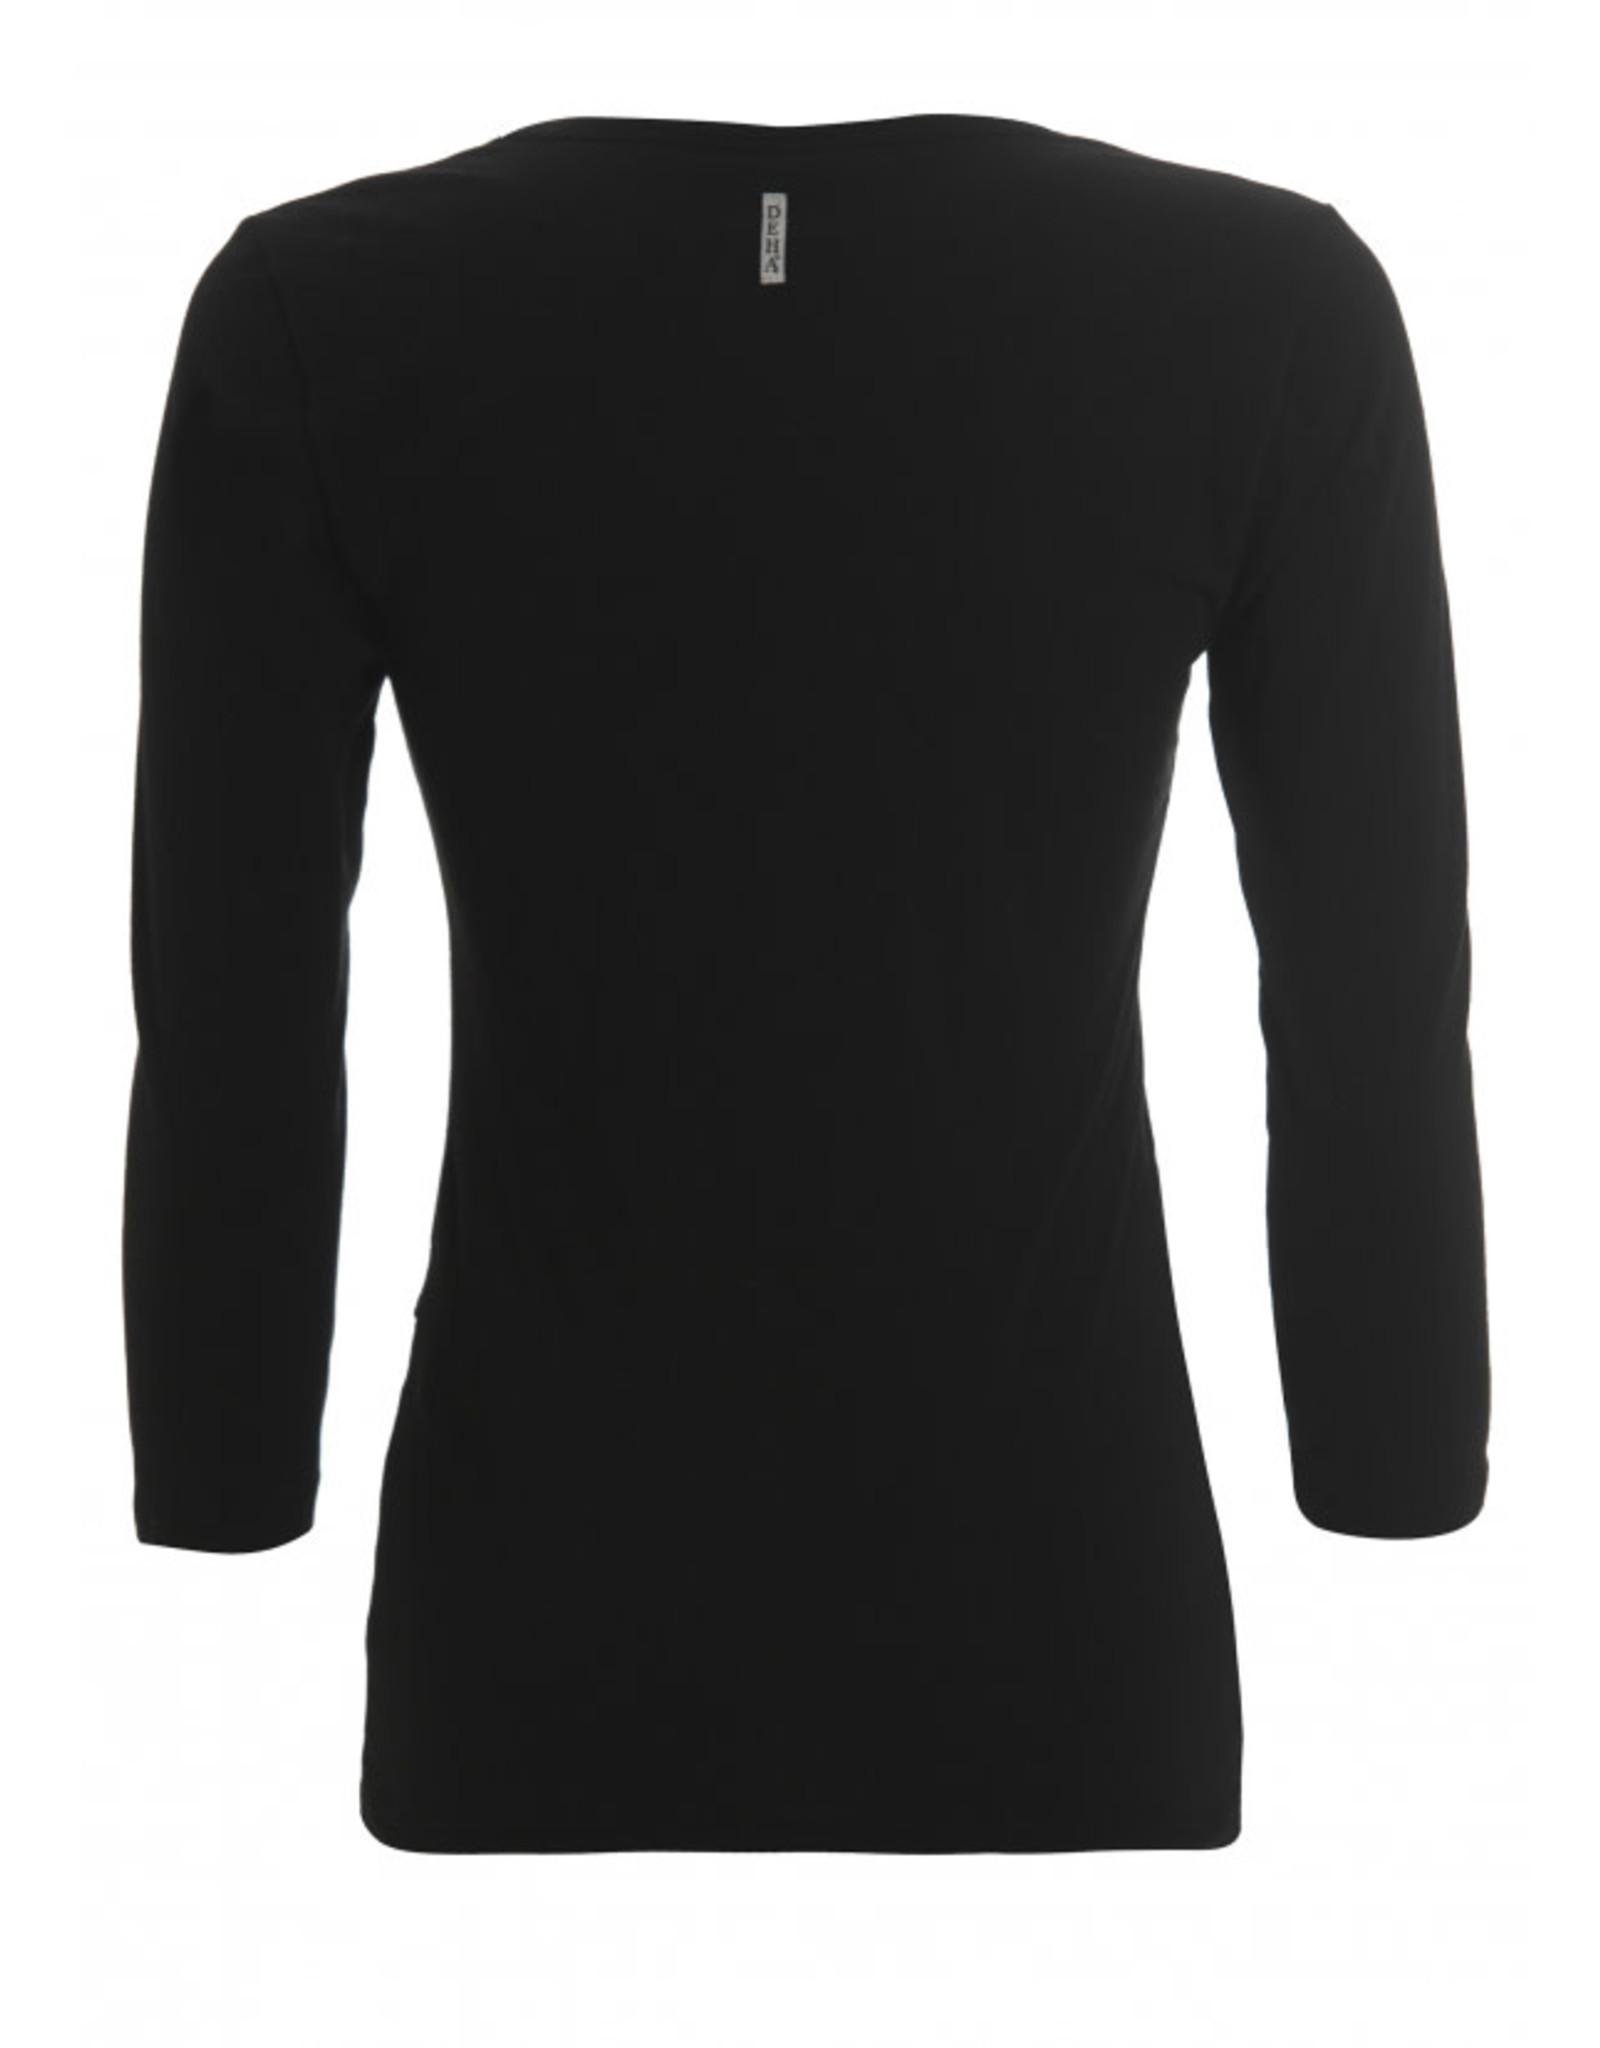 Deha B34010 ¾ Sleeve Tshirt